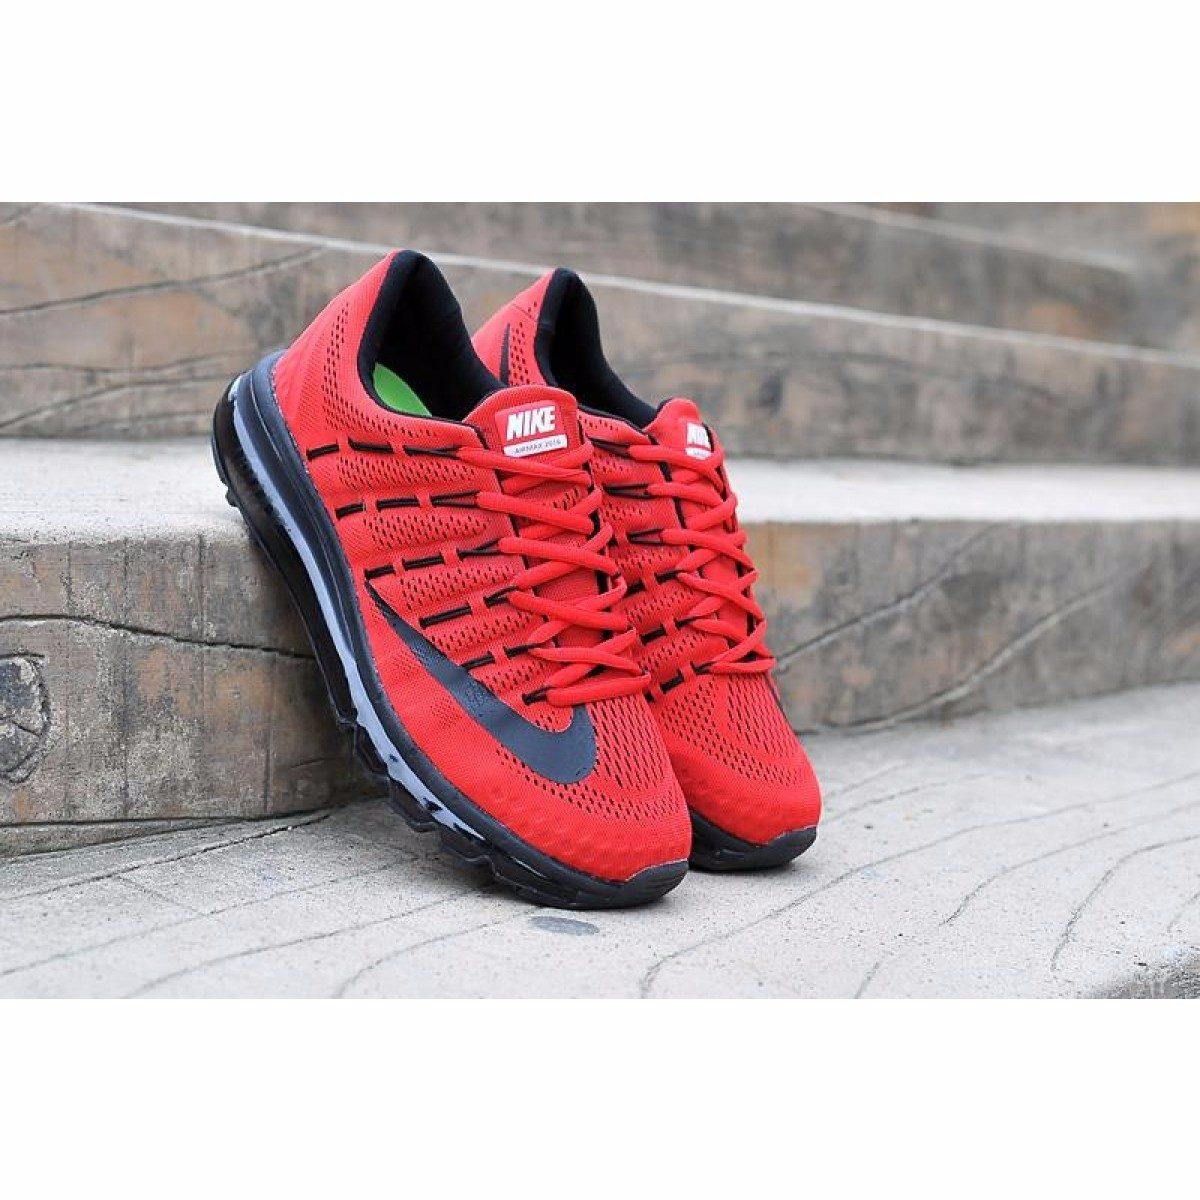 Nike Air Max 2016 rojas